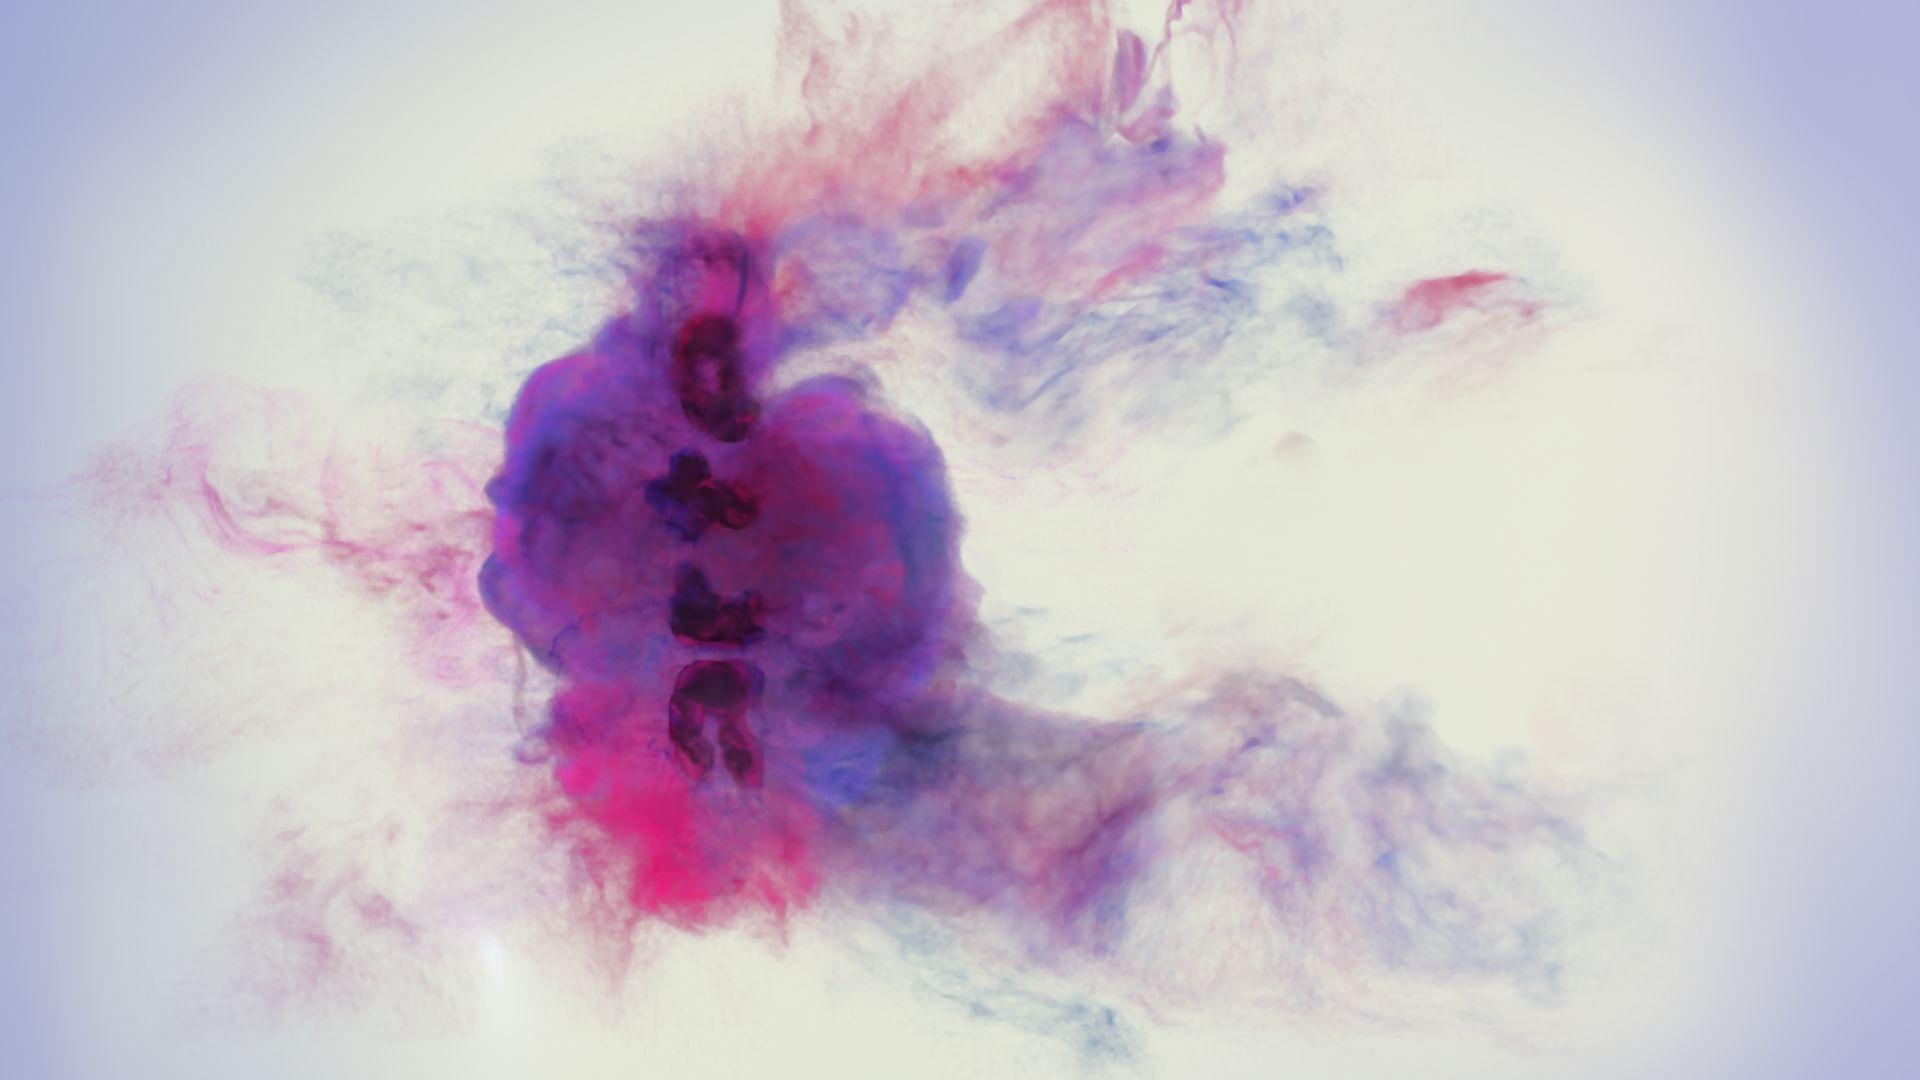 Risiko Vulkan